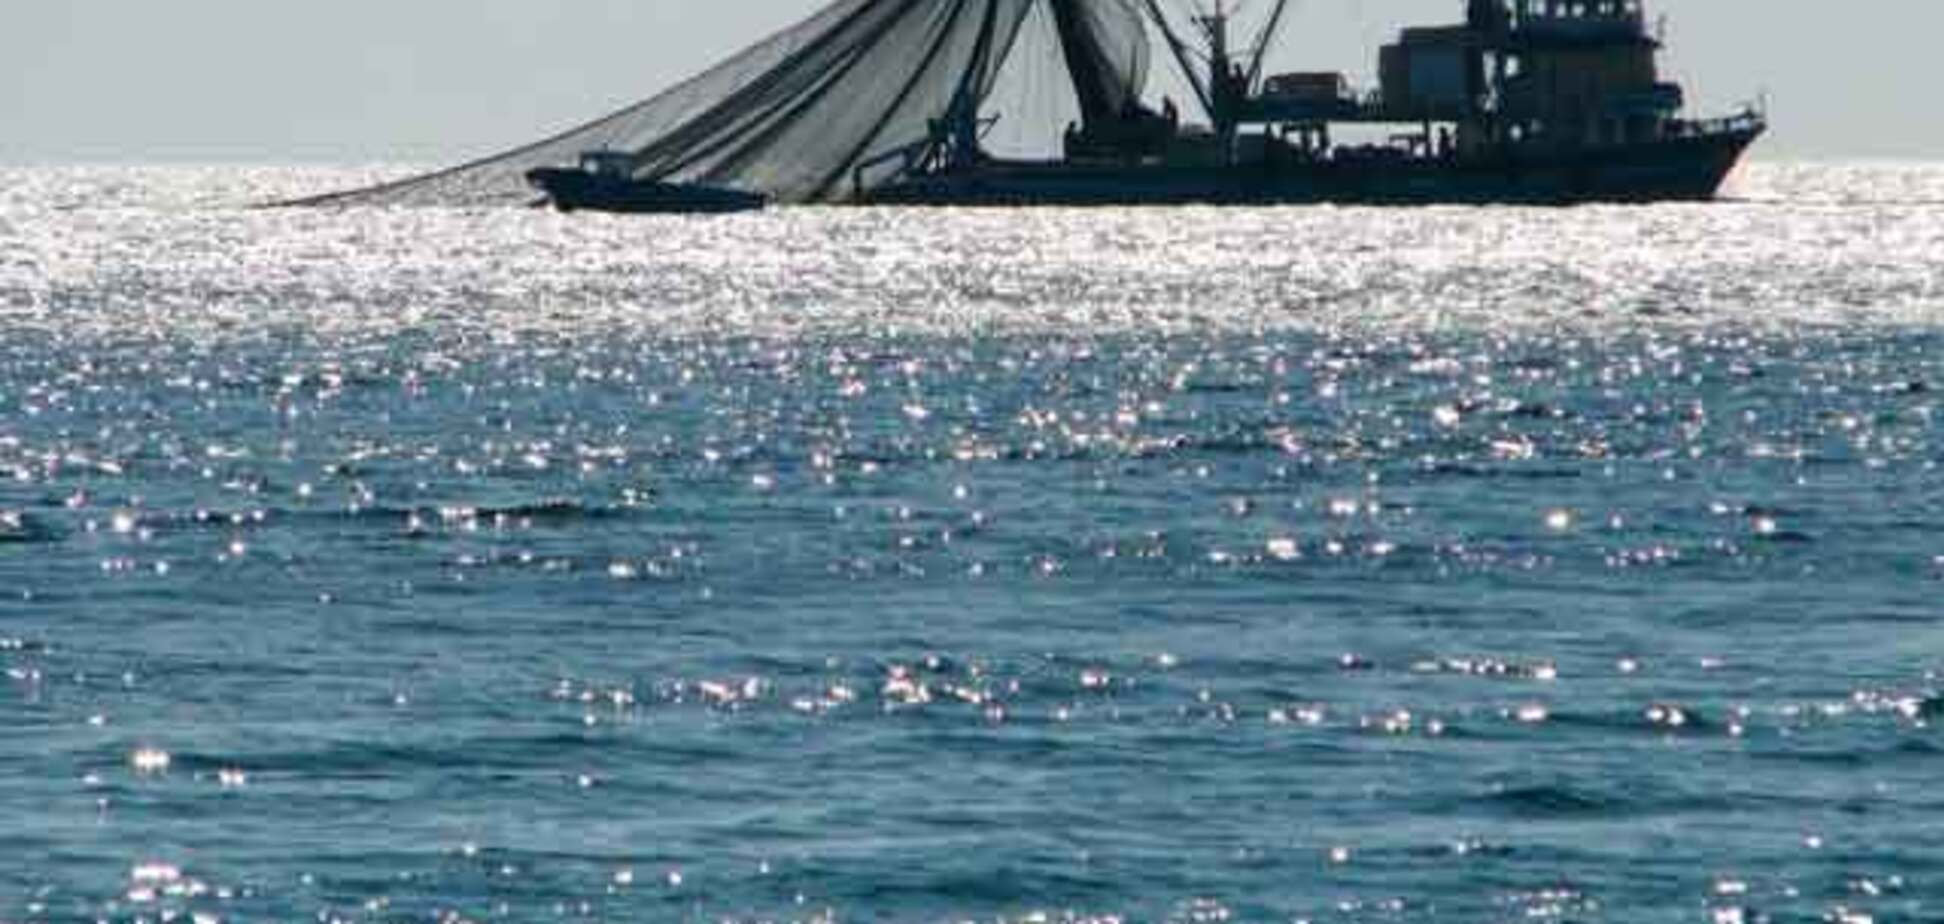 Нельзя без разрешения России: стало известно о новой проблеме из-за блокады Азовского моря